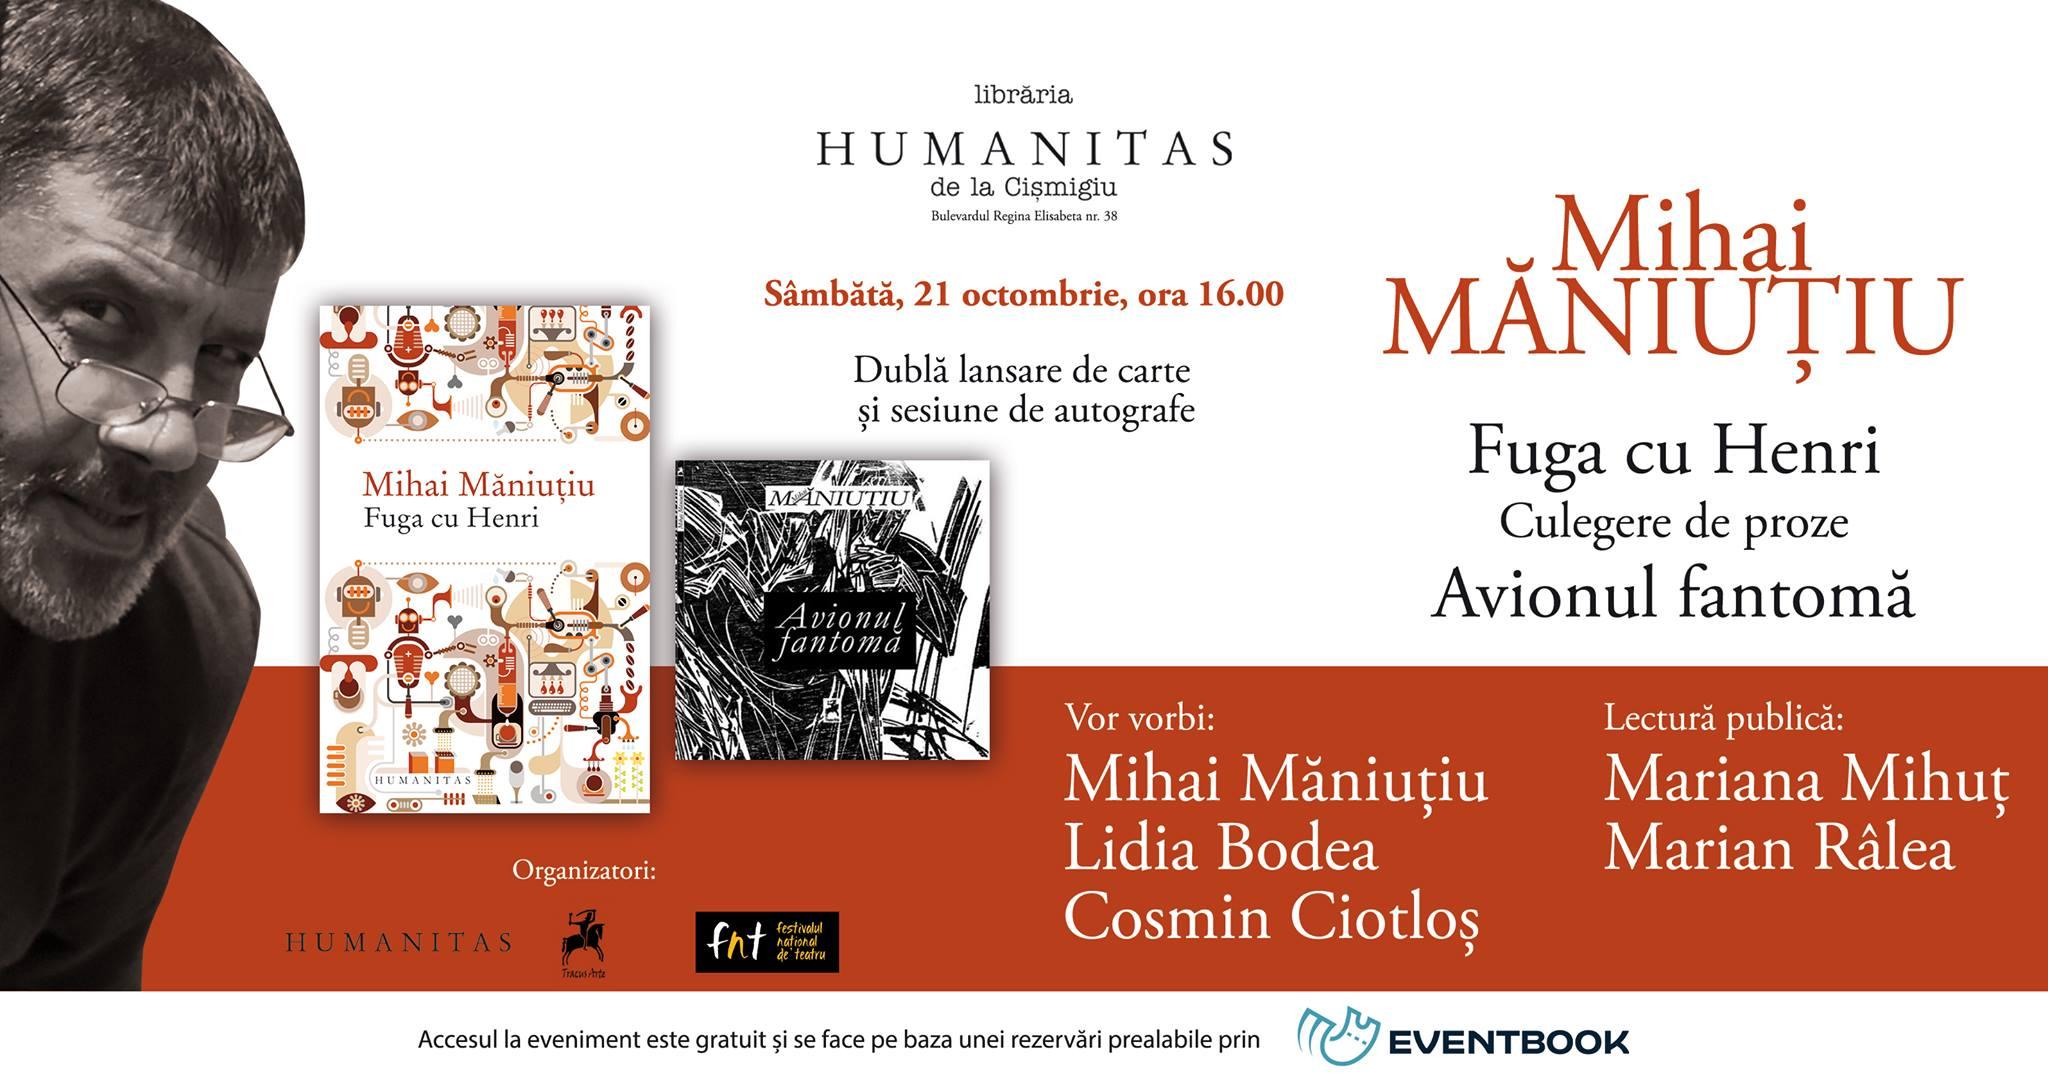 Eveniment Mihai Măniuțiu la Humanitas Cișmigiu